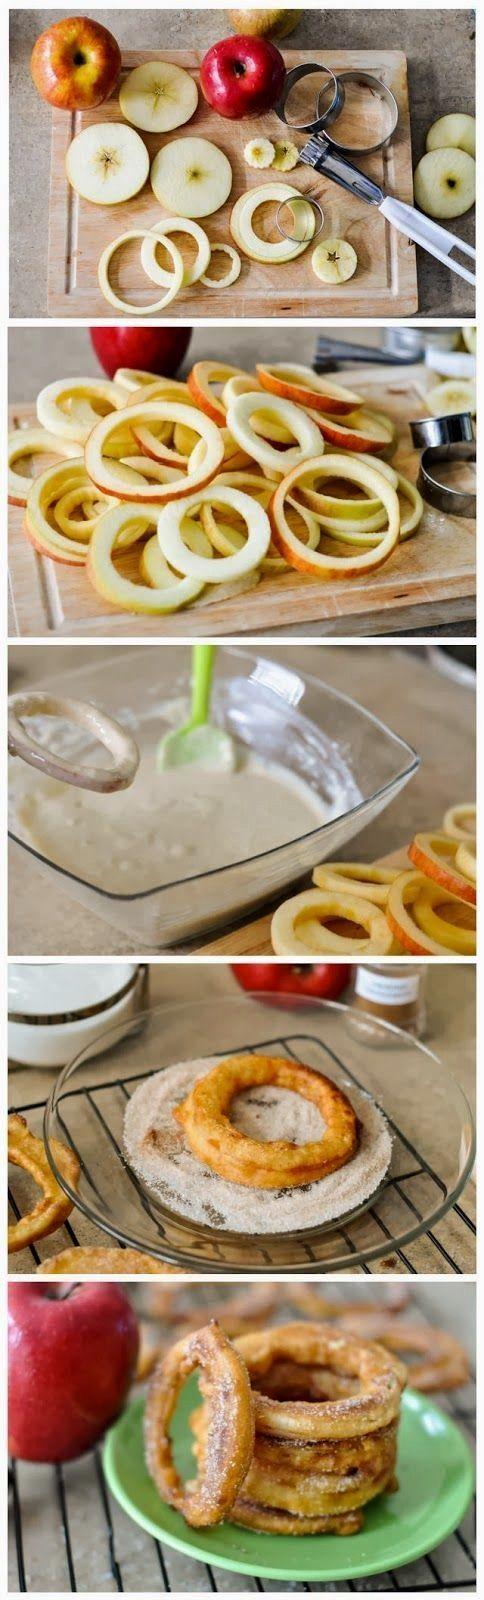 Apple Cinnamon Rings.